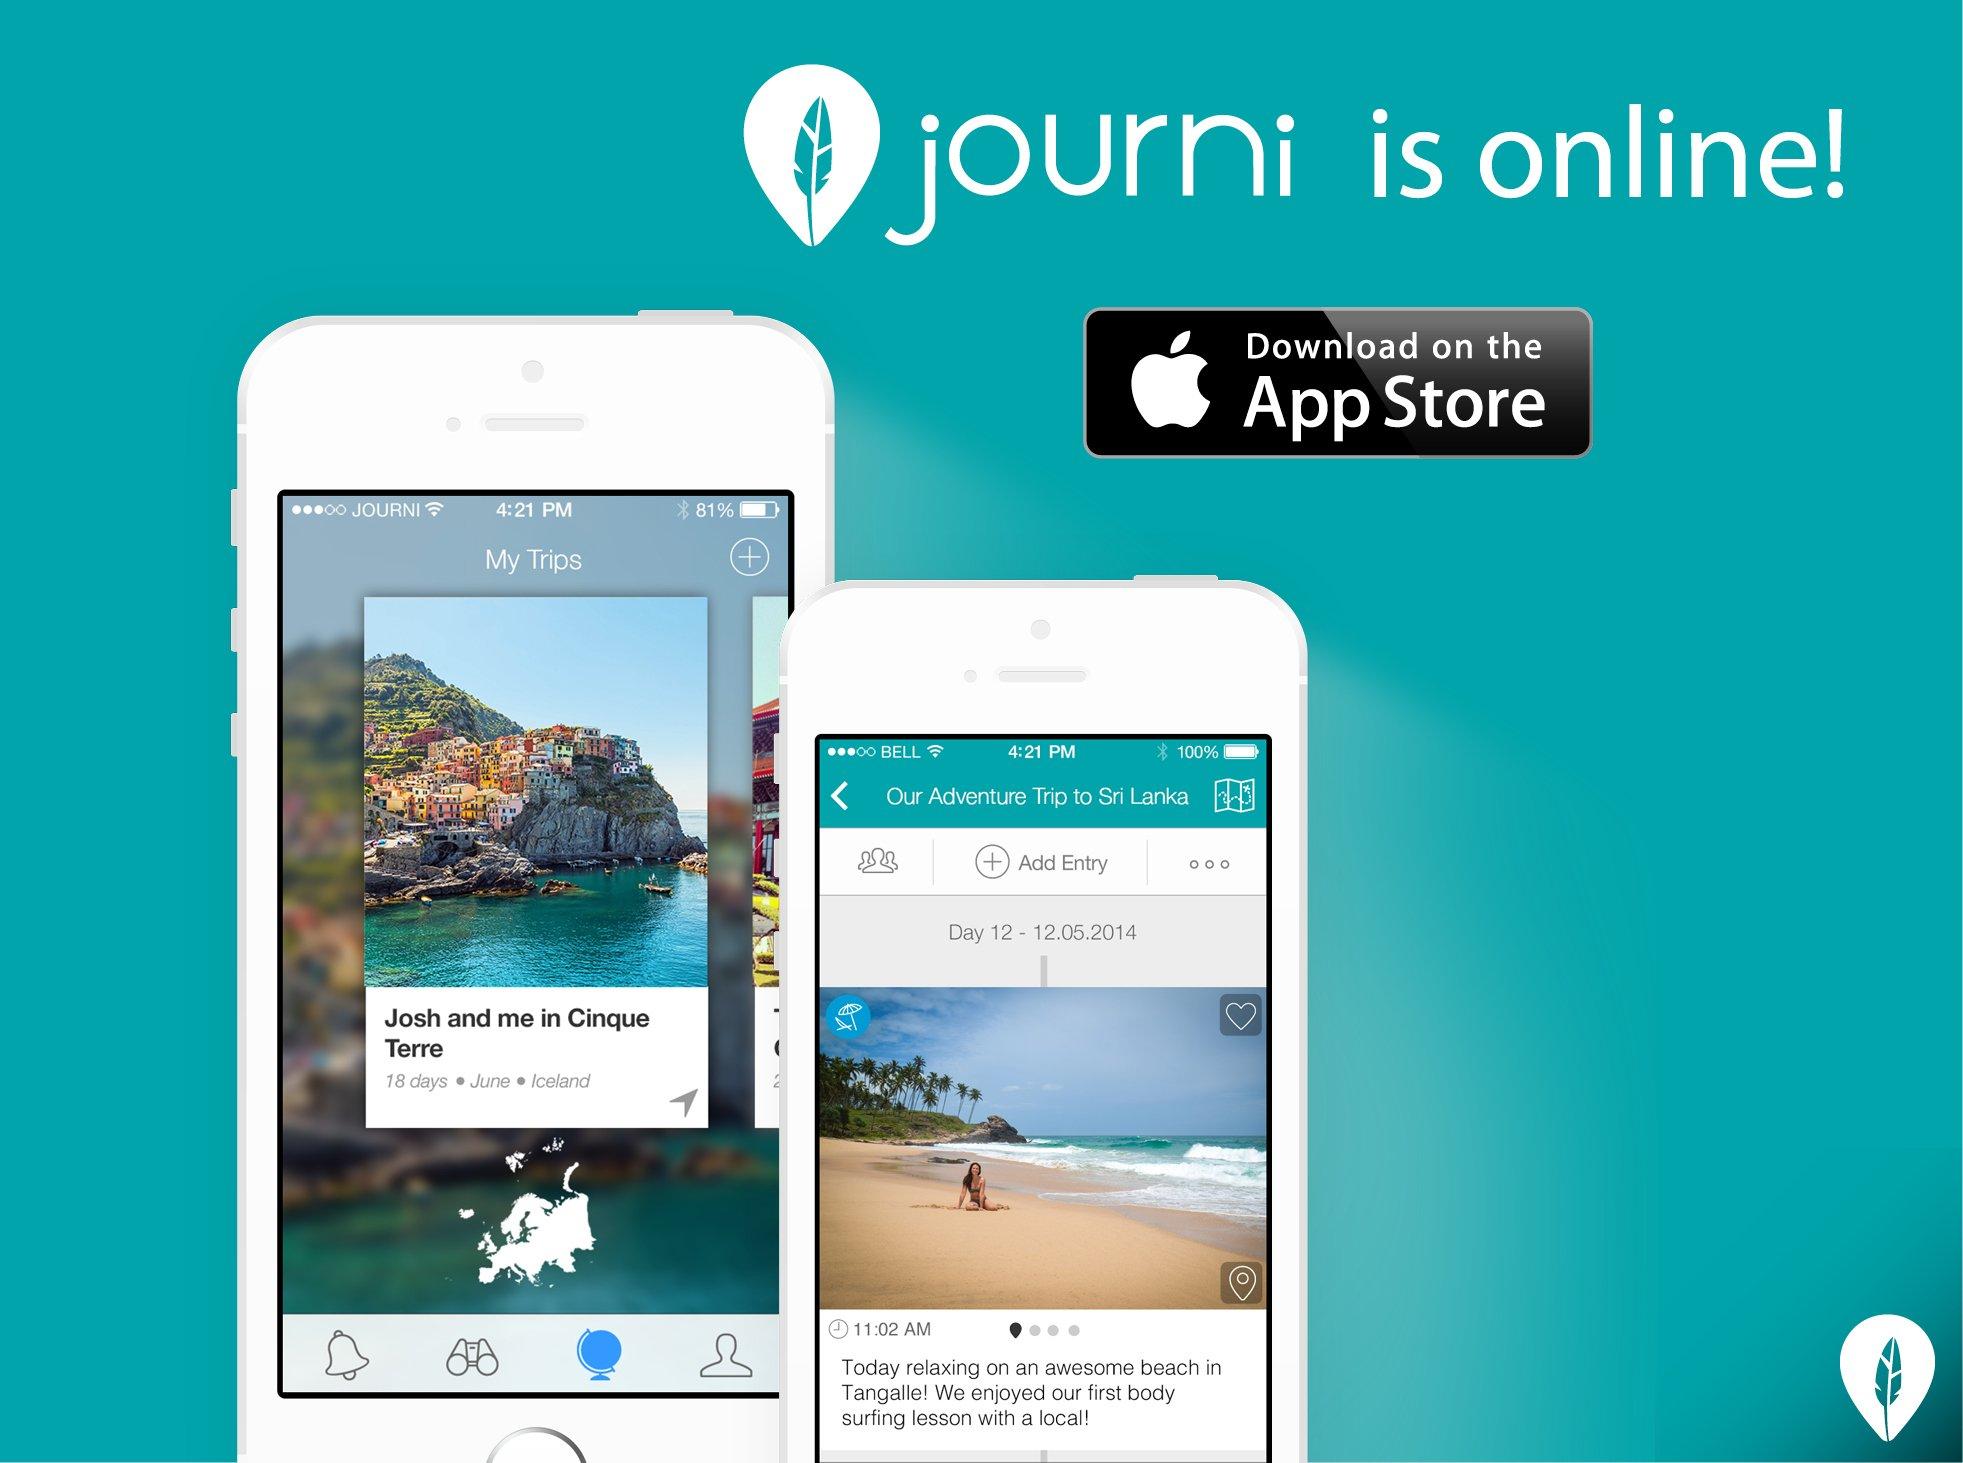 Journi_Online